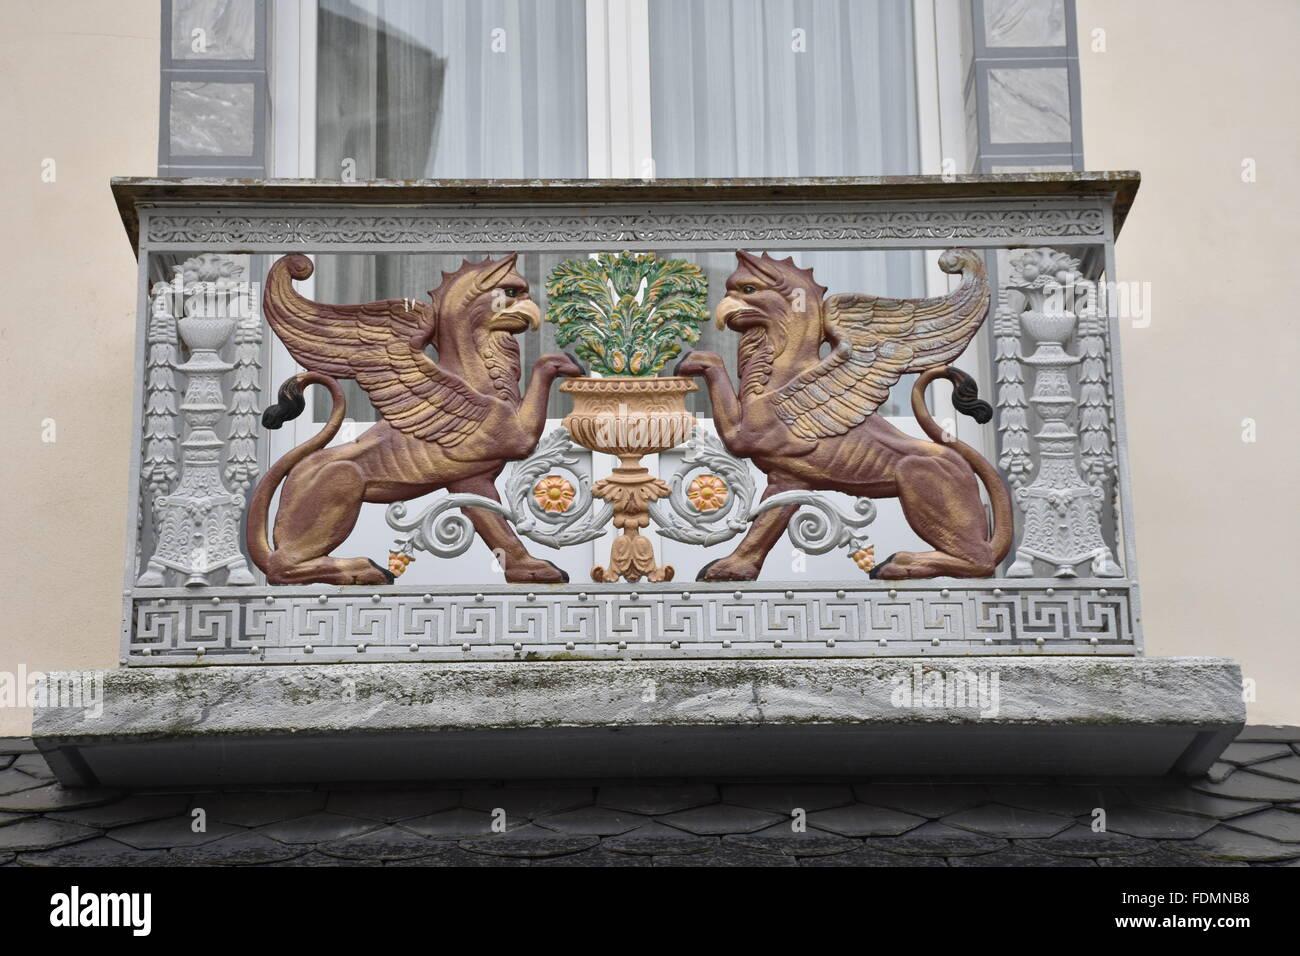 Balcony showing two griffins, Cauterets, Hautes-Pyrénées (65) France - Stock Image